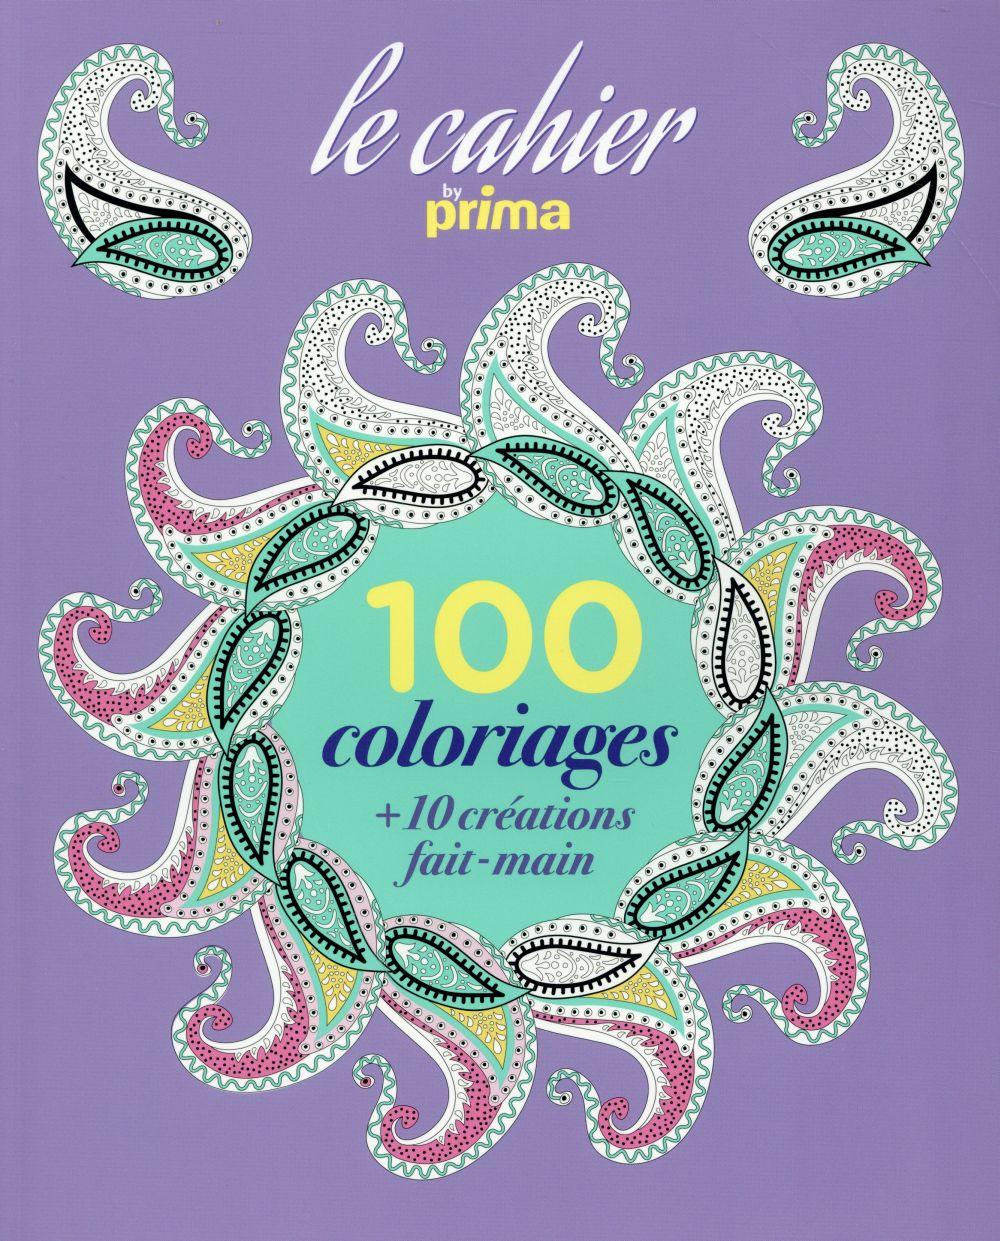 Le cahier 100 coloriages ; 10 créations fait-main